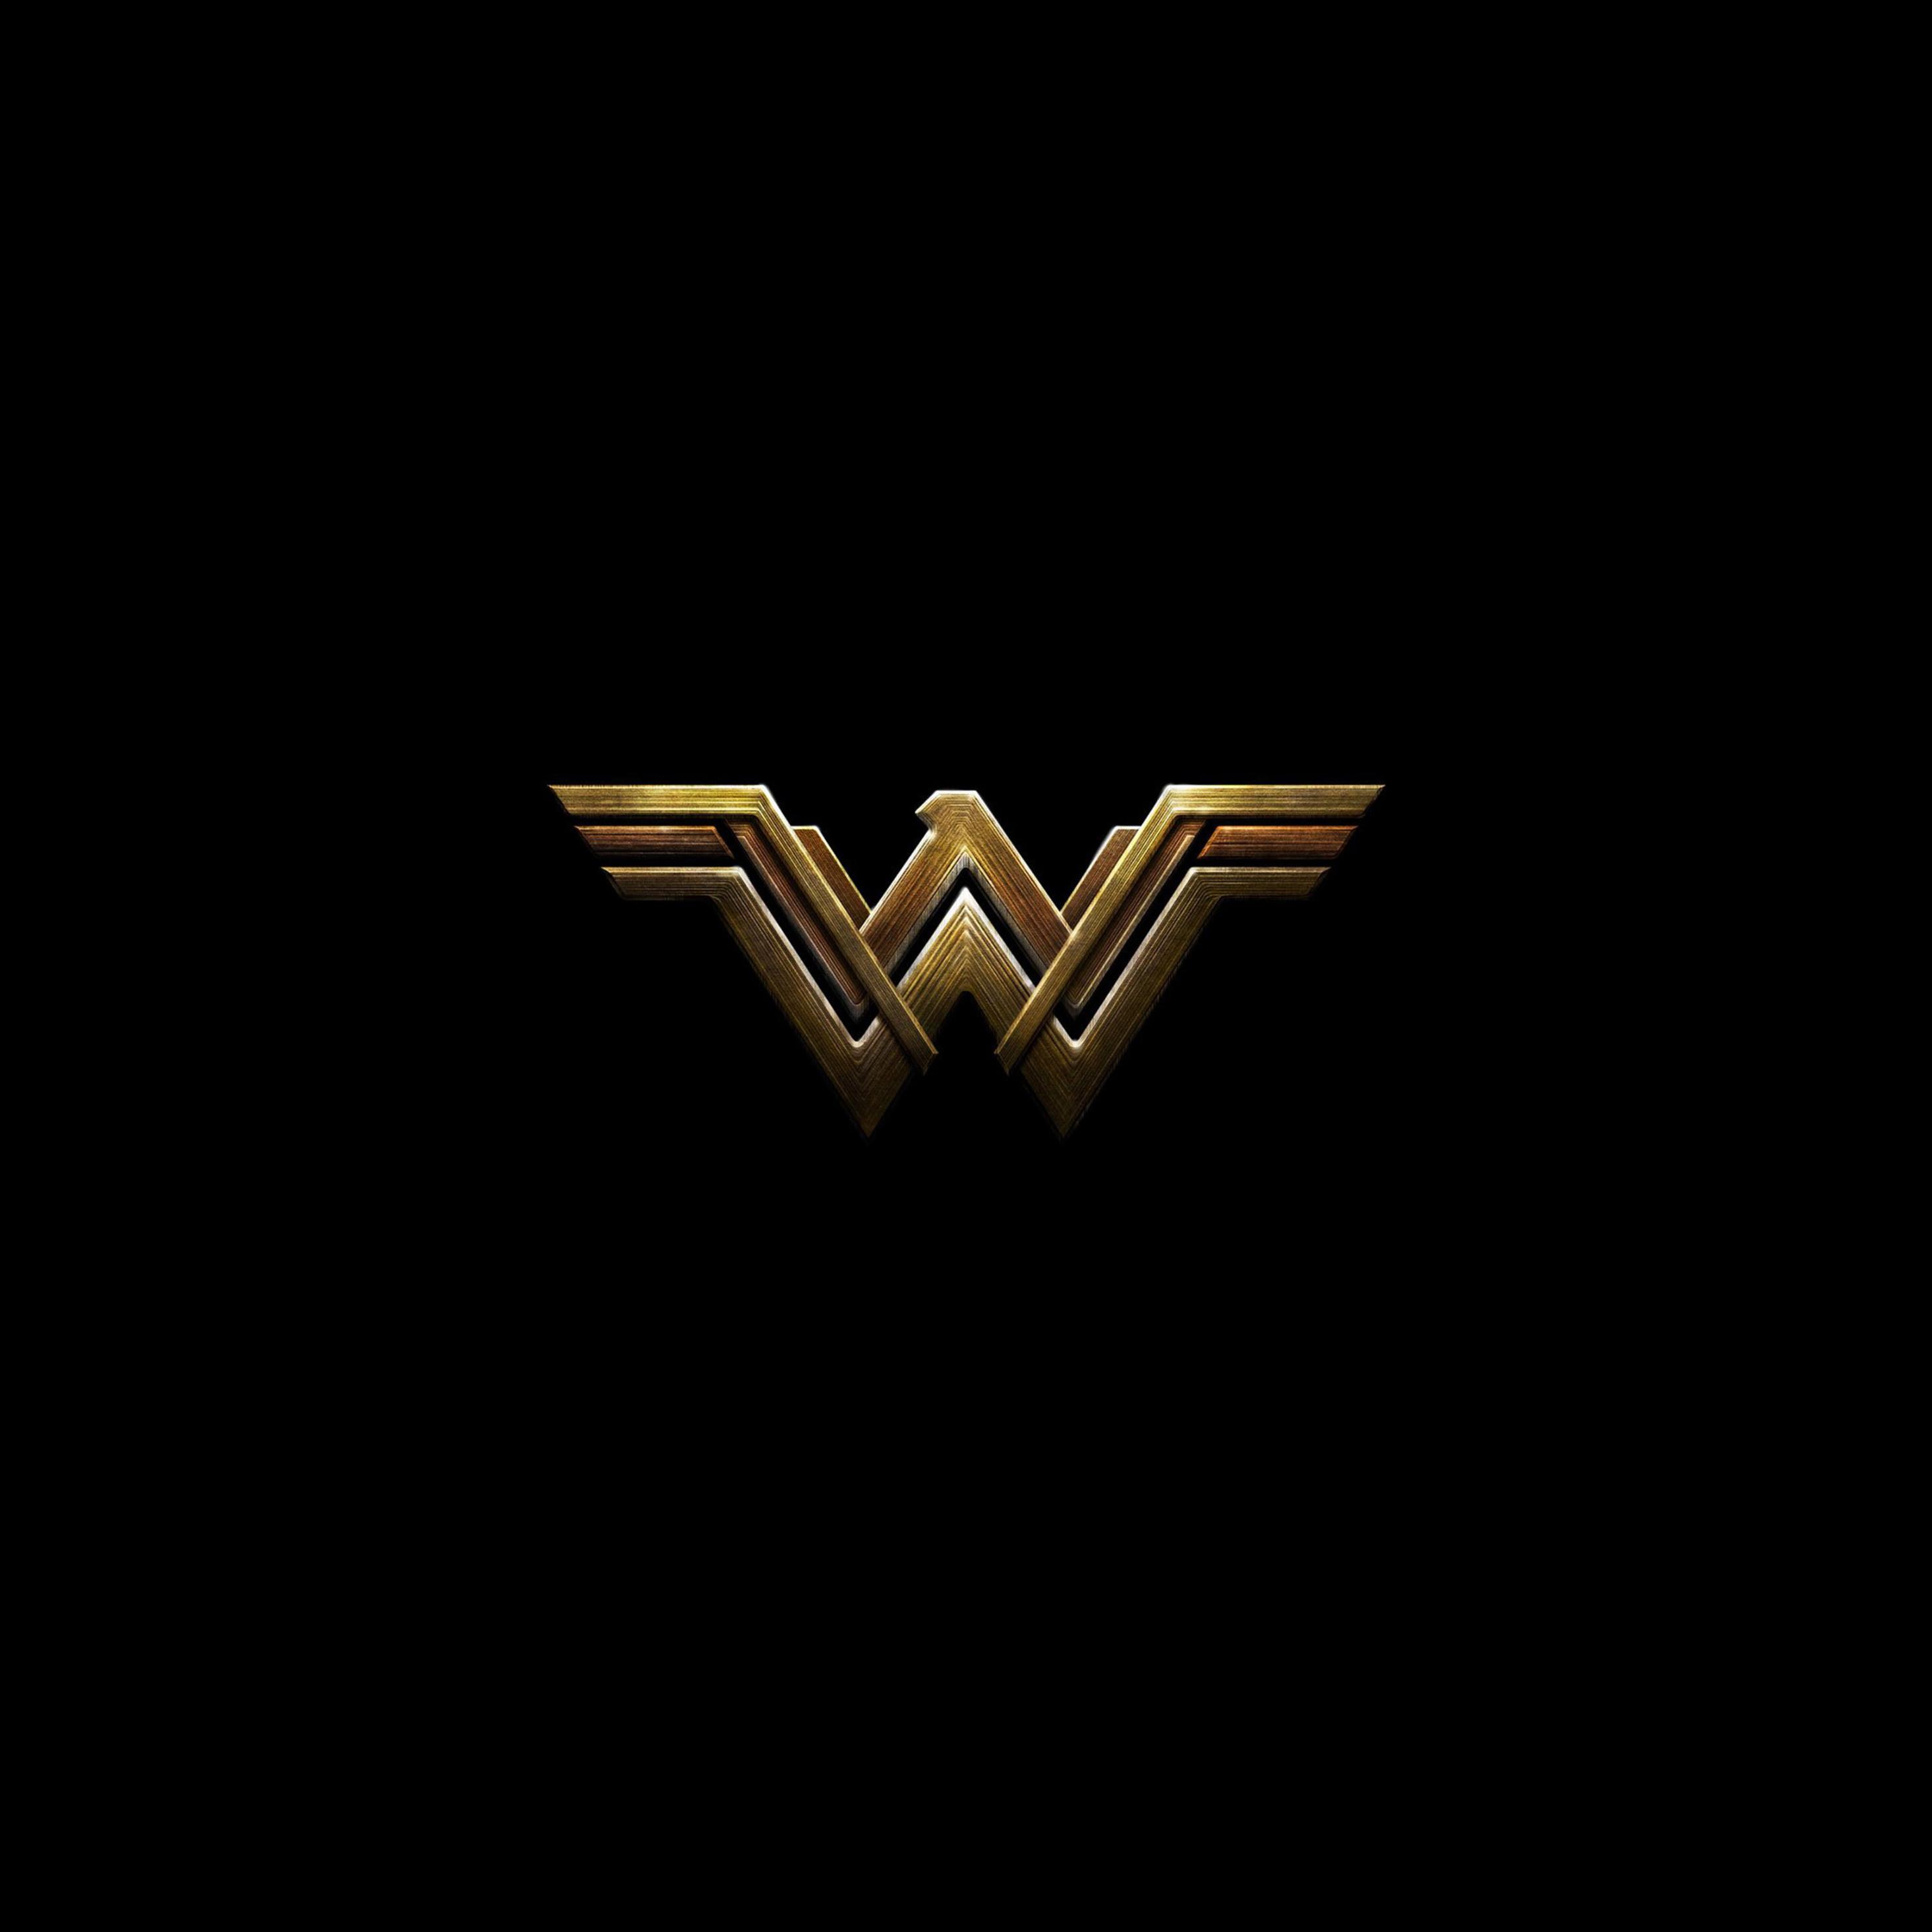 2932x2932 Wonder Woman Dark Logo 4k Ipad Pro Retina